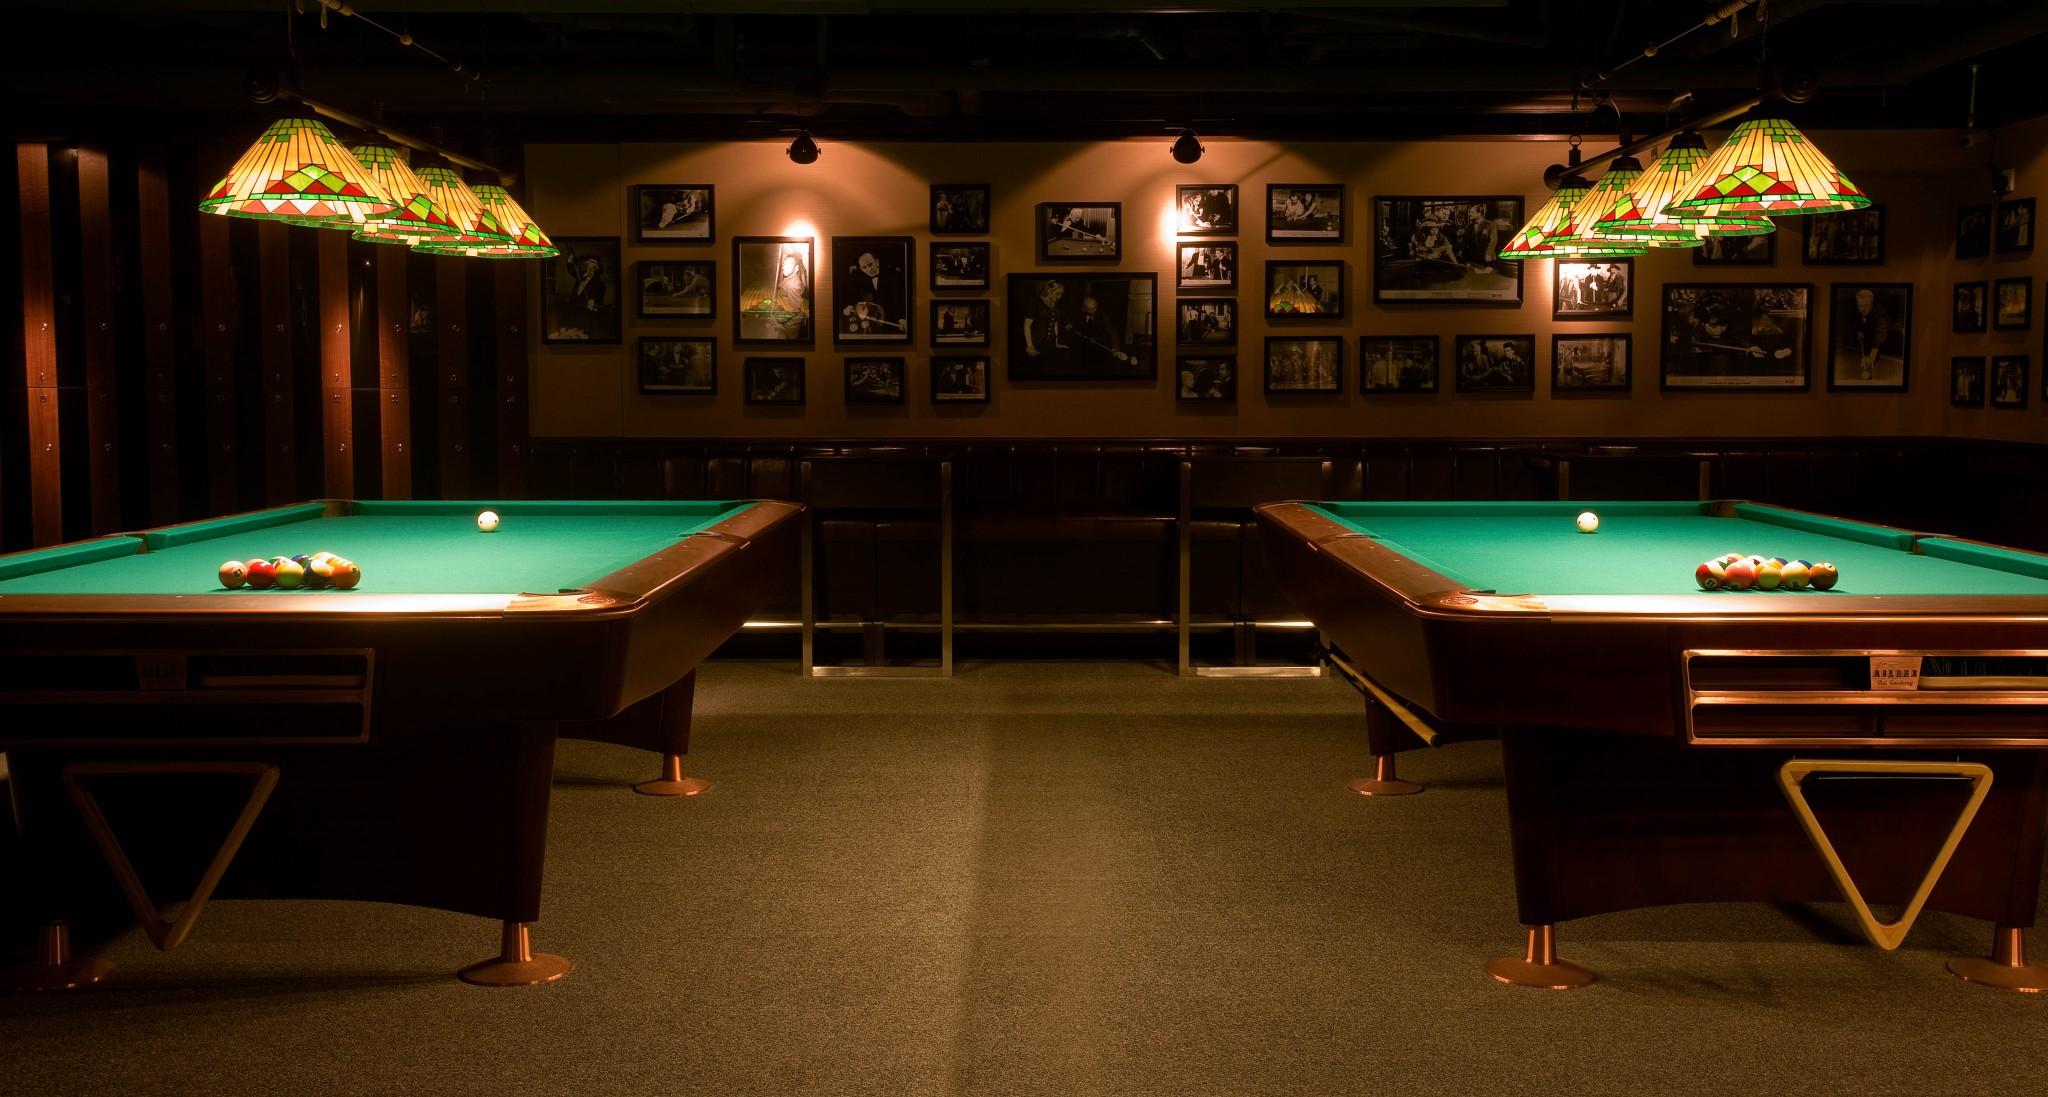 Joe's Billards & Bar 酒吧 桌球 飛鏢 Beer Pong